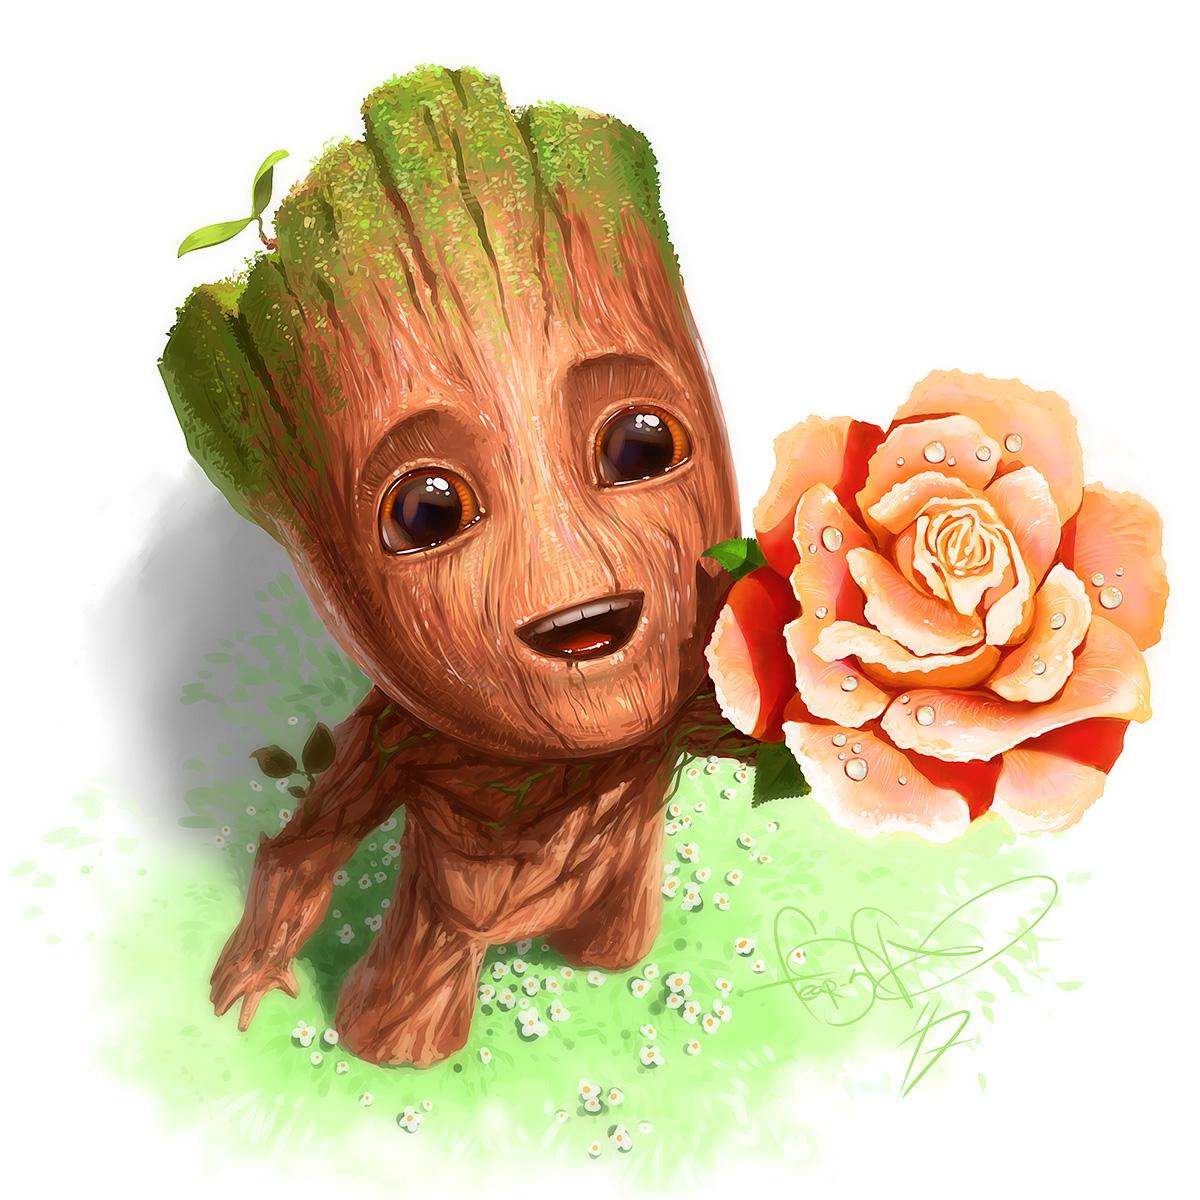 Little Groot (Guardians of the Galaxy fan art) by fear-sAs